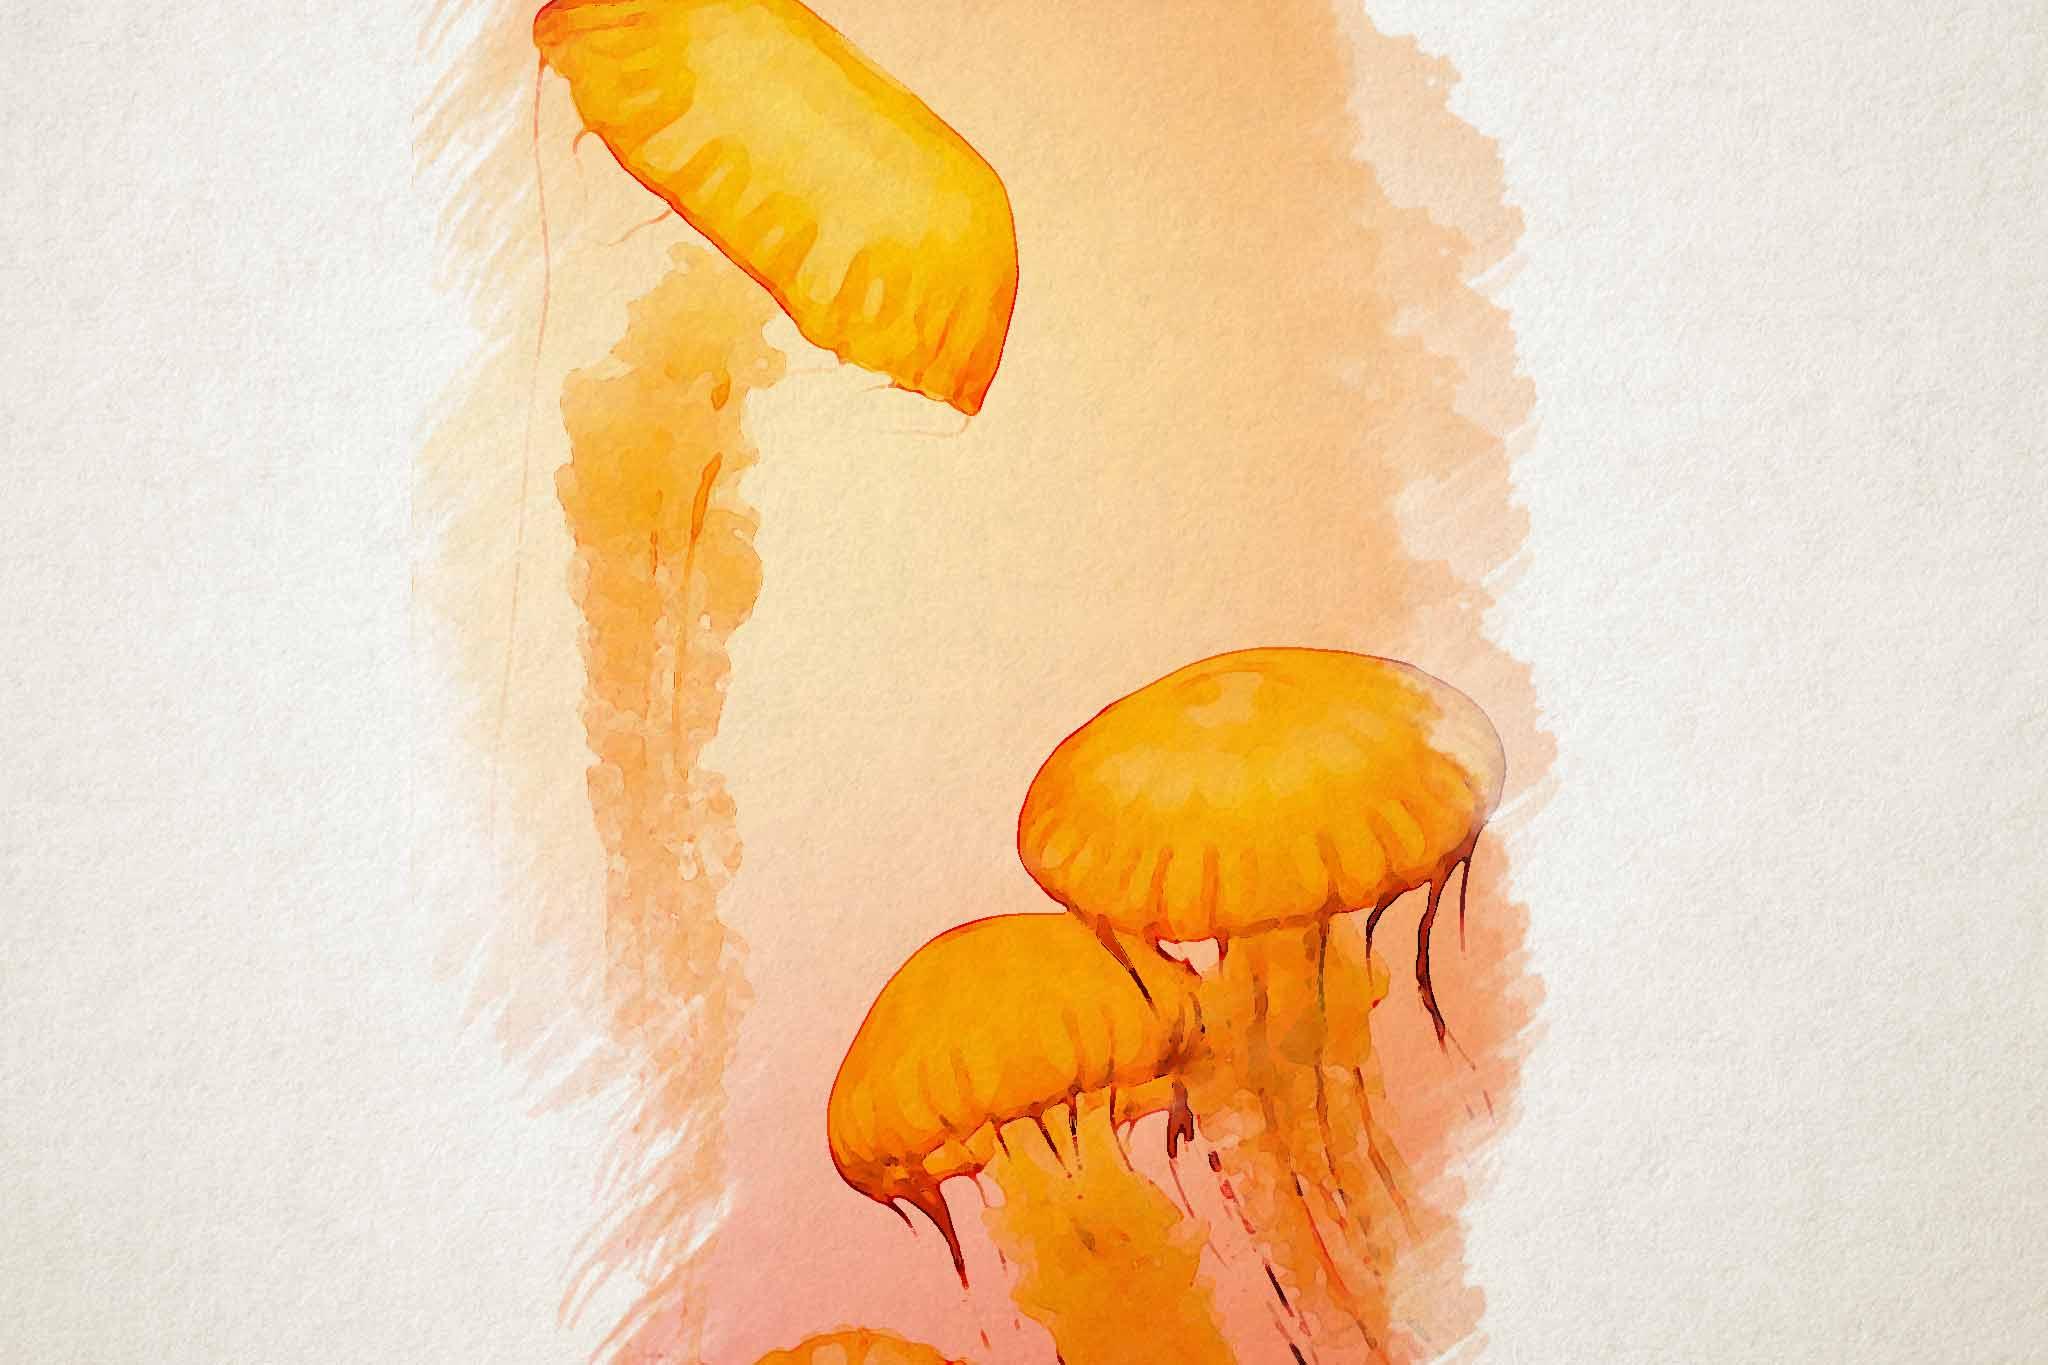 jellyfish yellow red